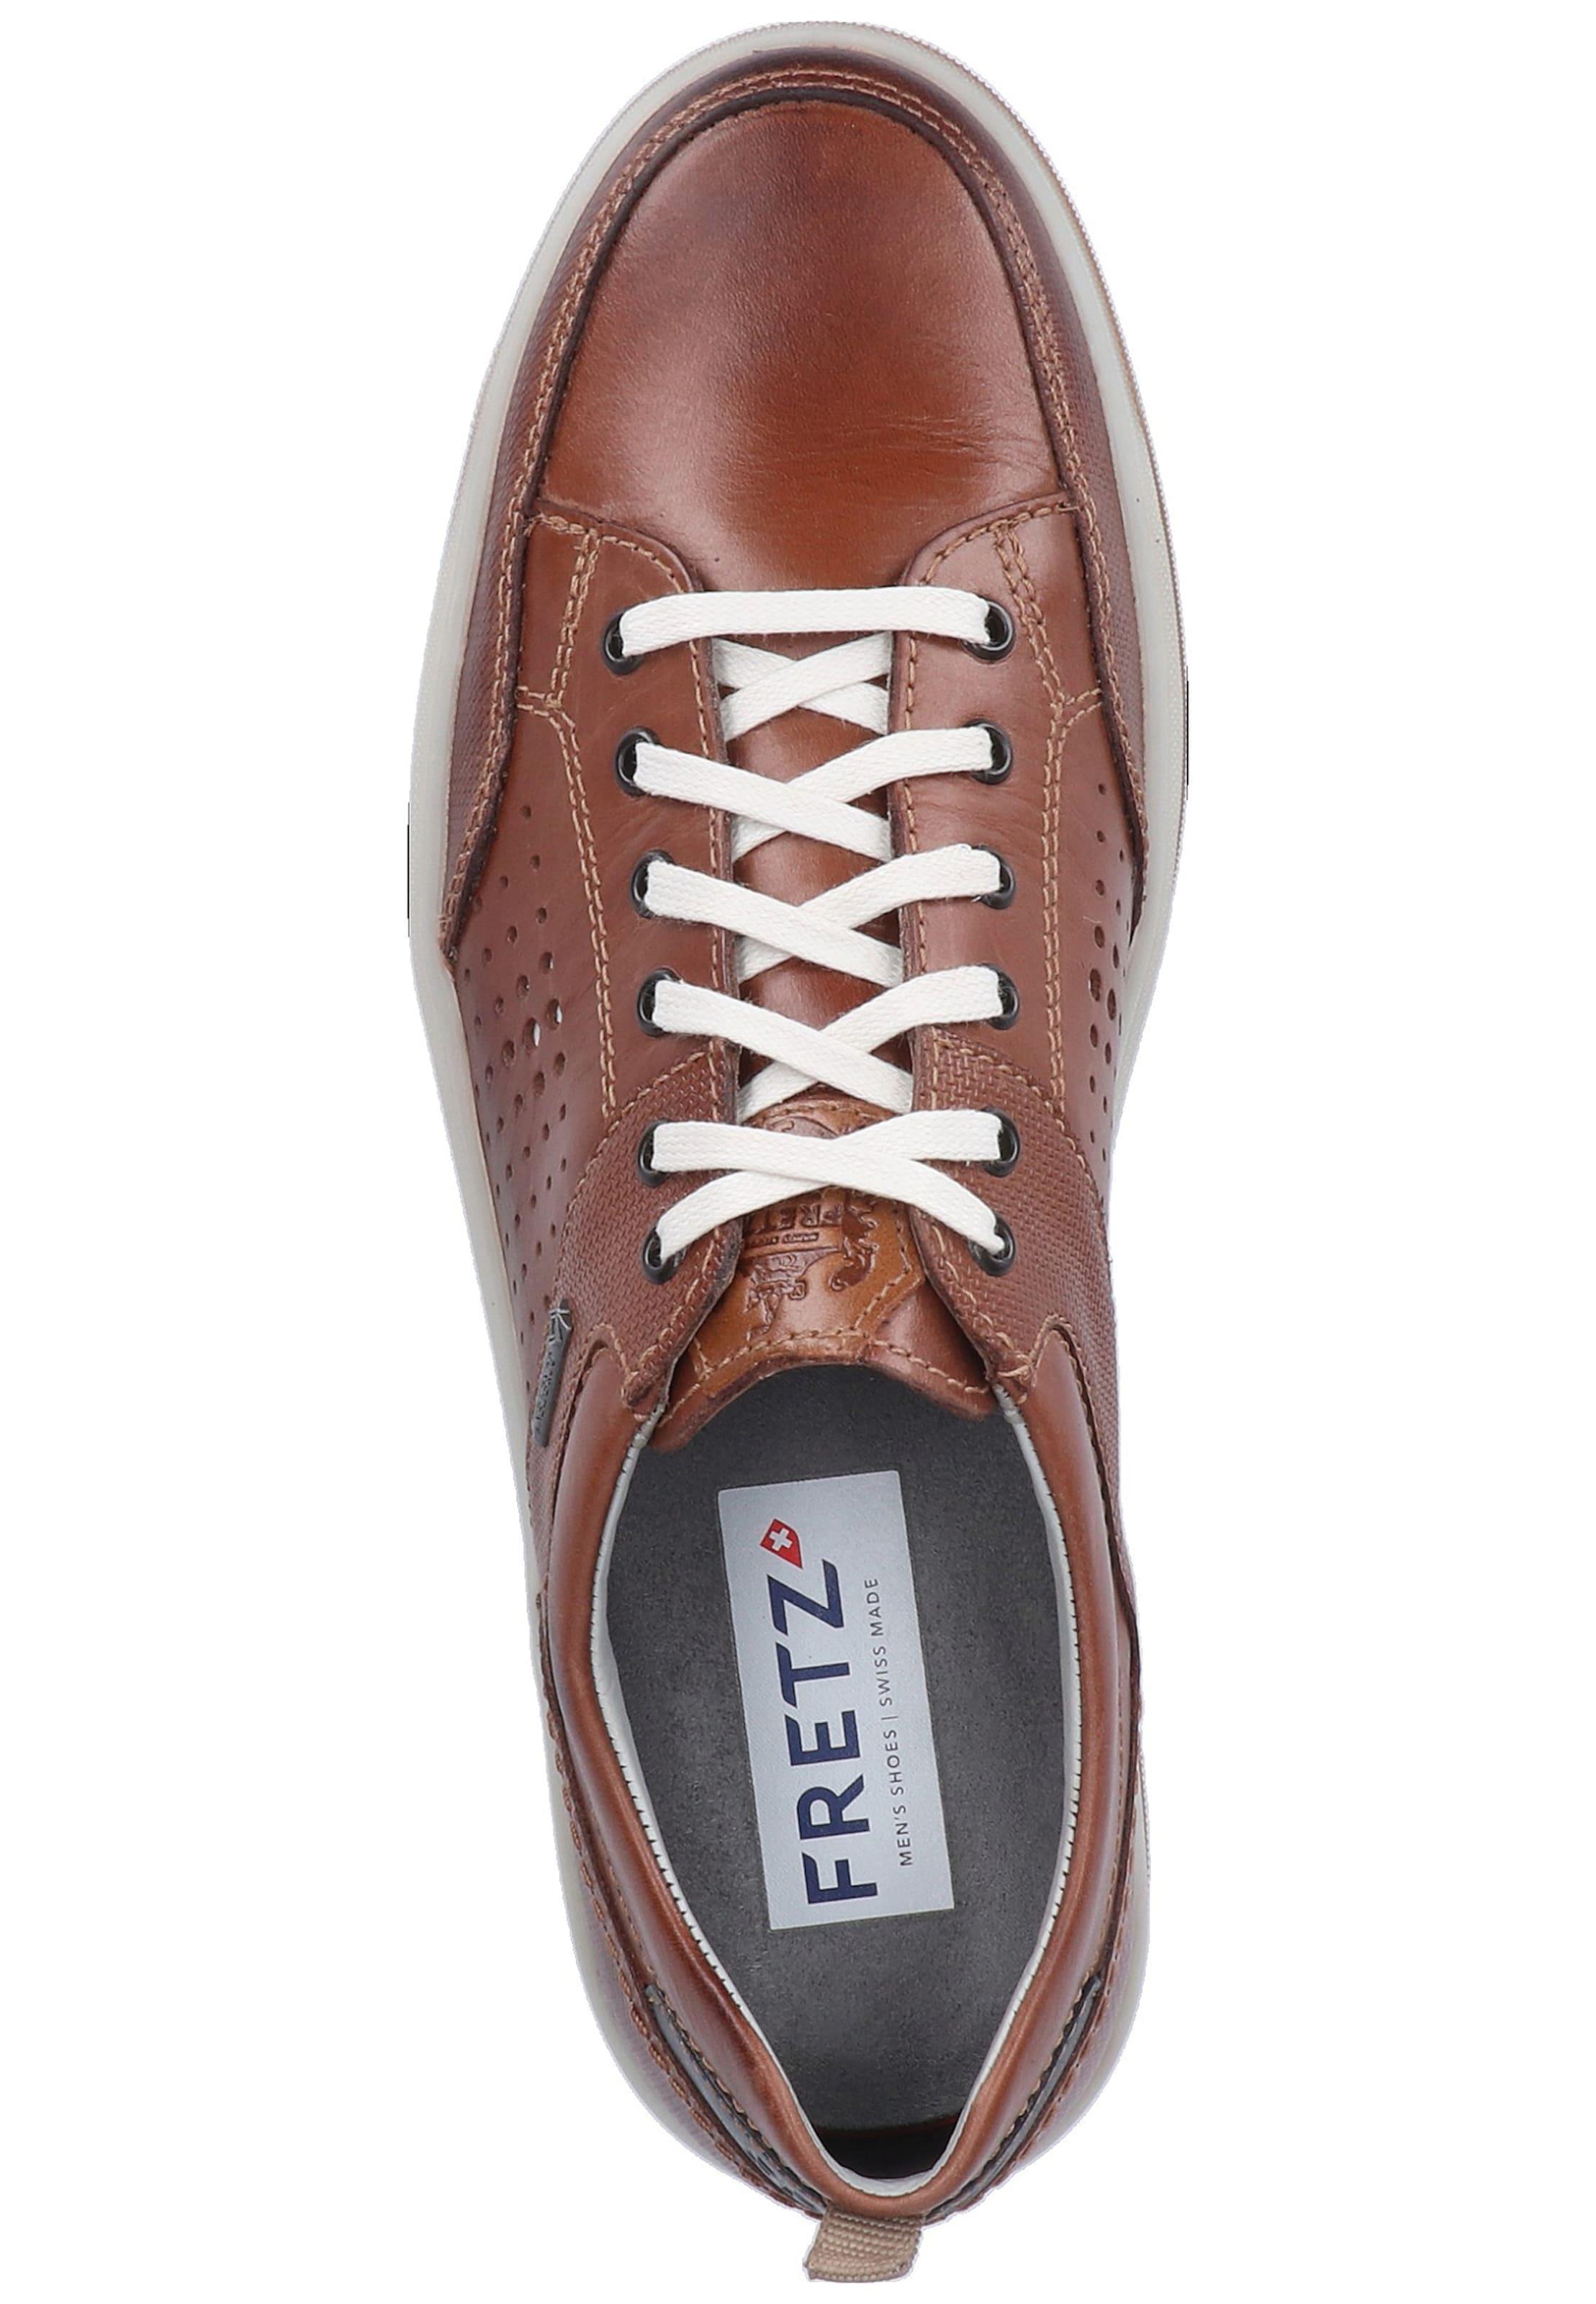 Men In Fretz Men In RostbraunSchwarz Sneaker Sneaker RostbraunSchwarz Fretz yw0vOPN8nm